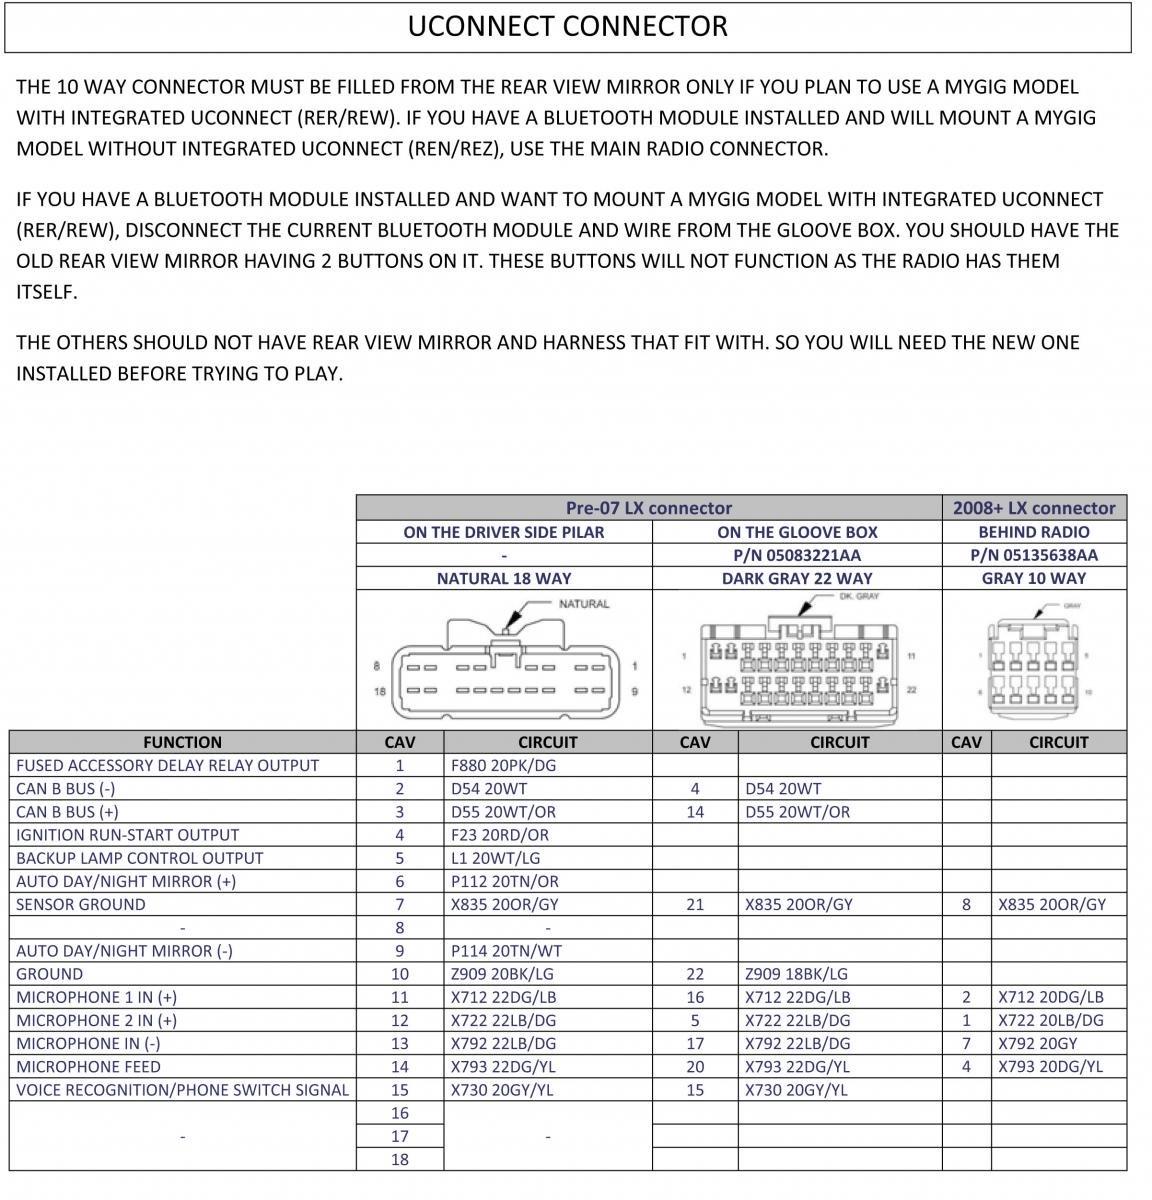 [SCHEMATICS_48DE]  AE_3719] Dodge Journey Uconnect Wiring Diagram   Dodge Journey Uconnect Wiring Diagram      Benkeme Verr Ponol Rous Shopa Mohammedshrine Librar Wiring 101